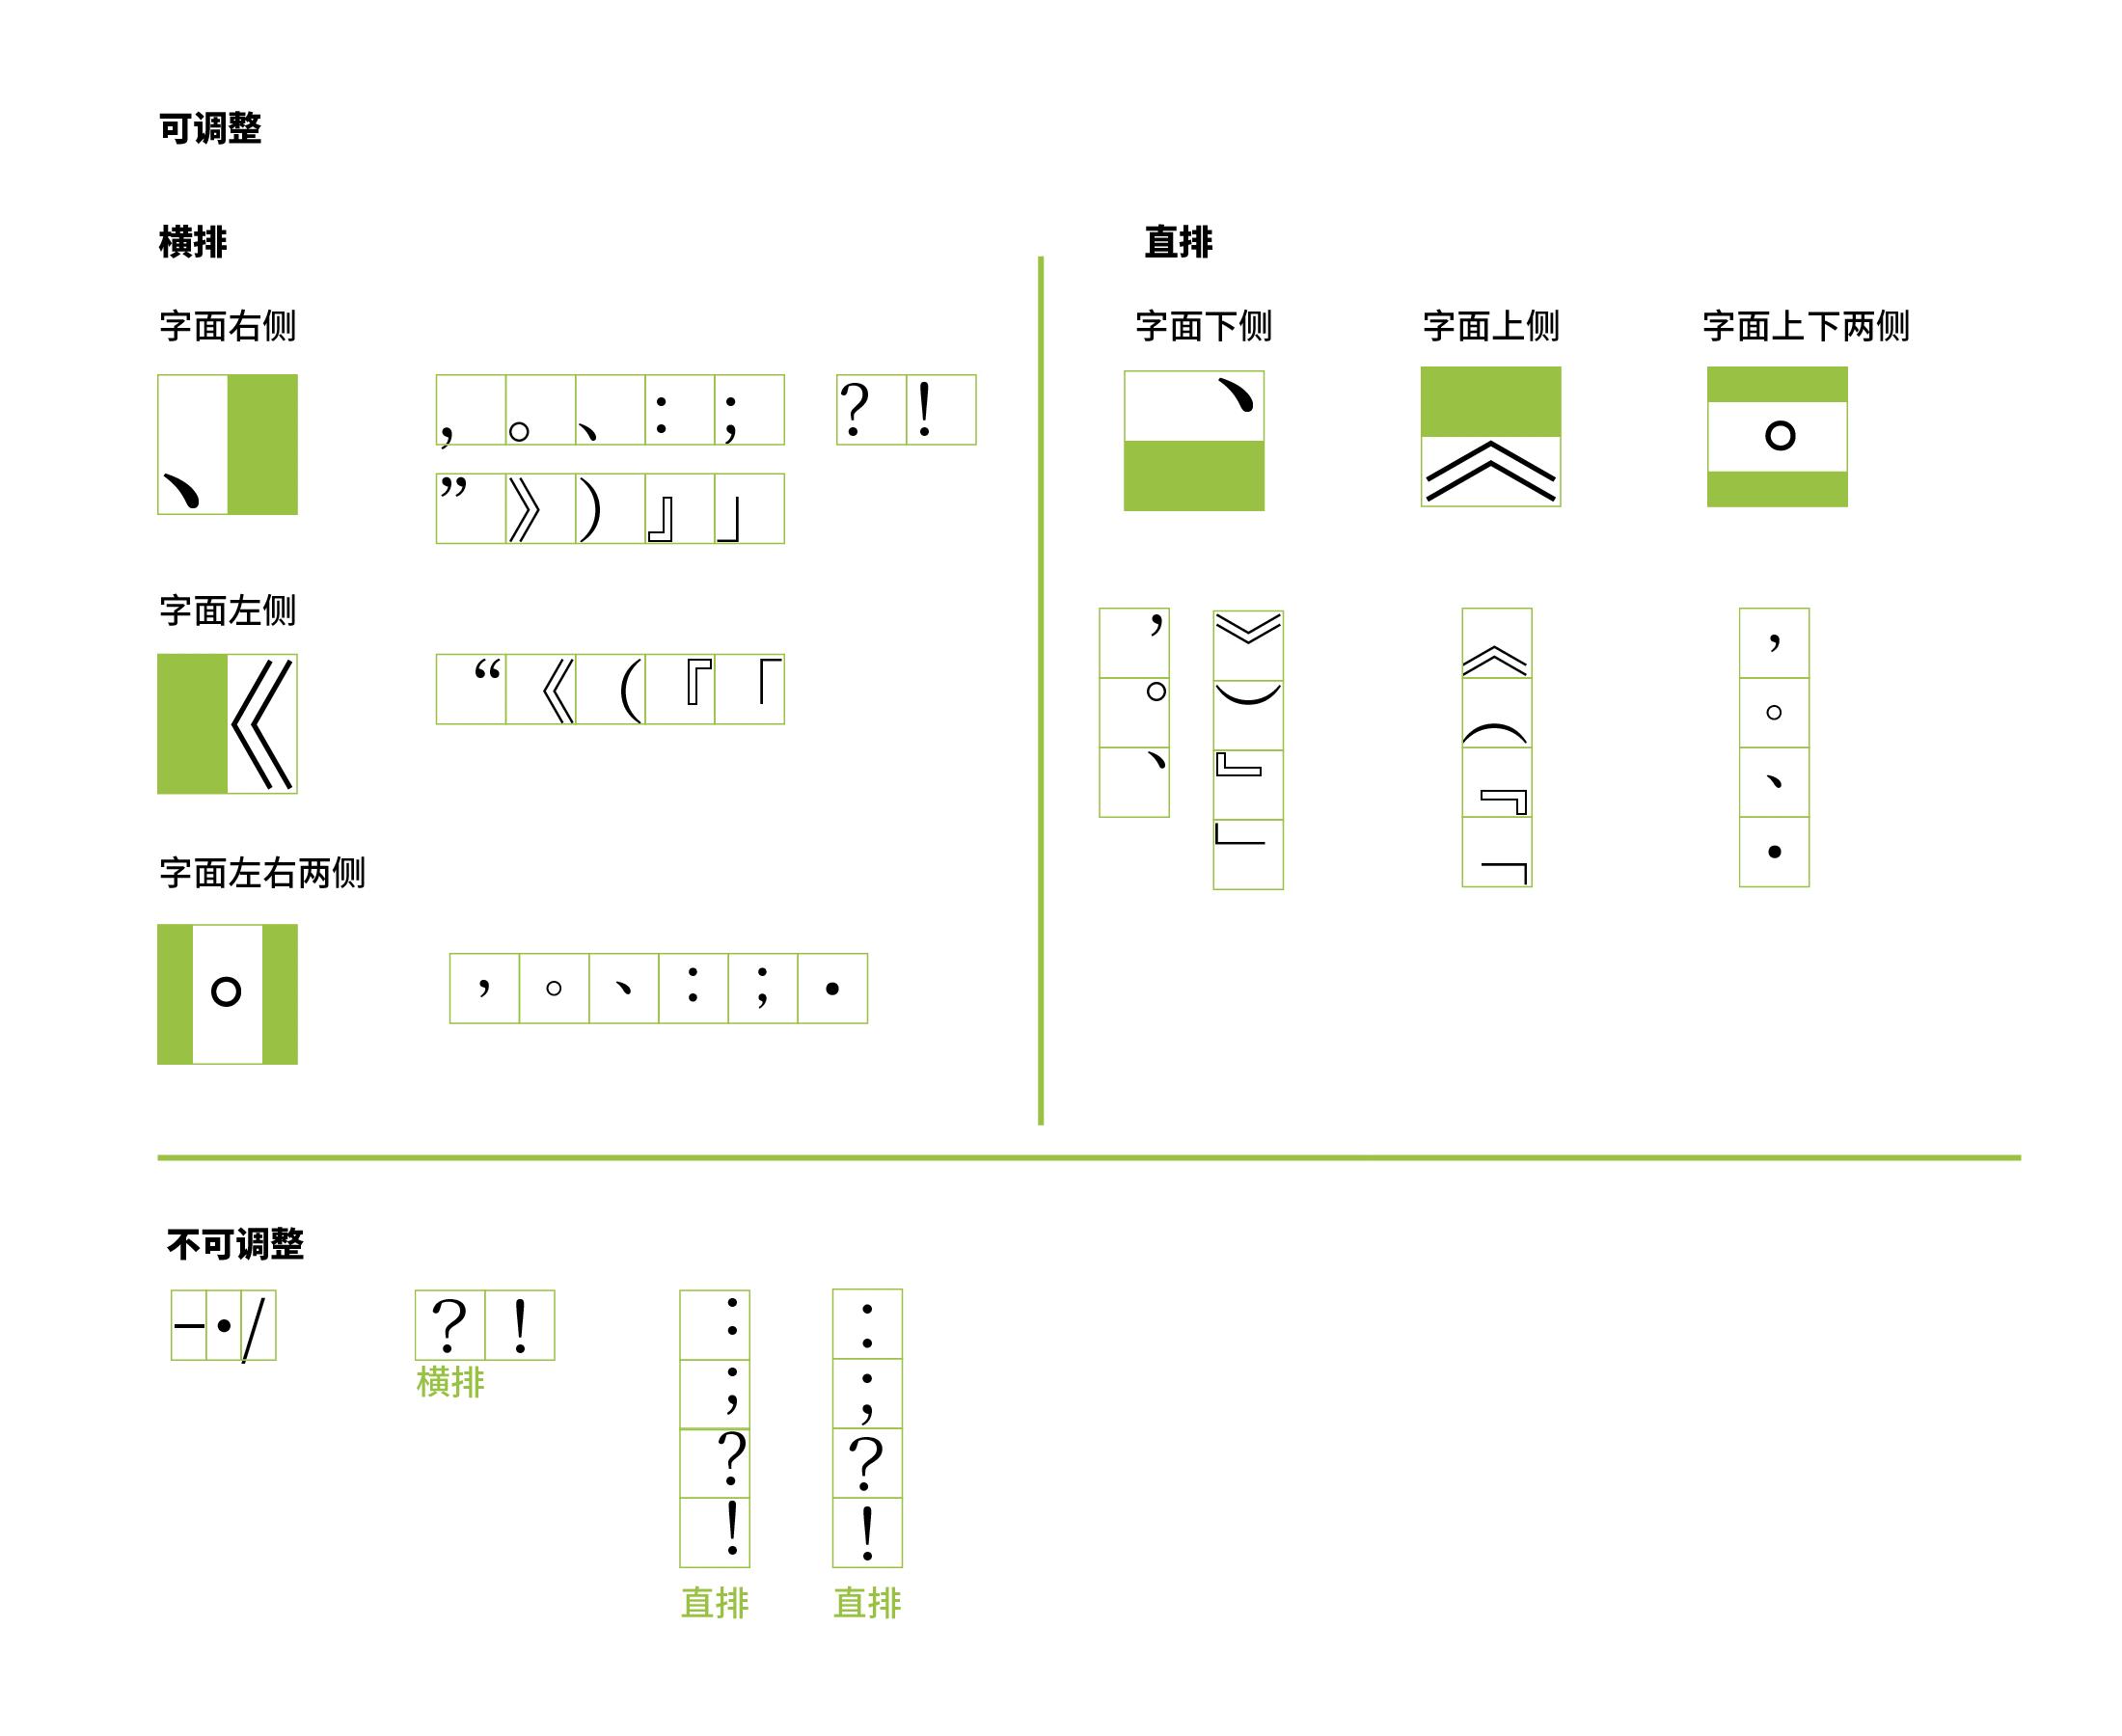 标点符号的调整空间